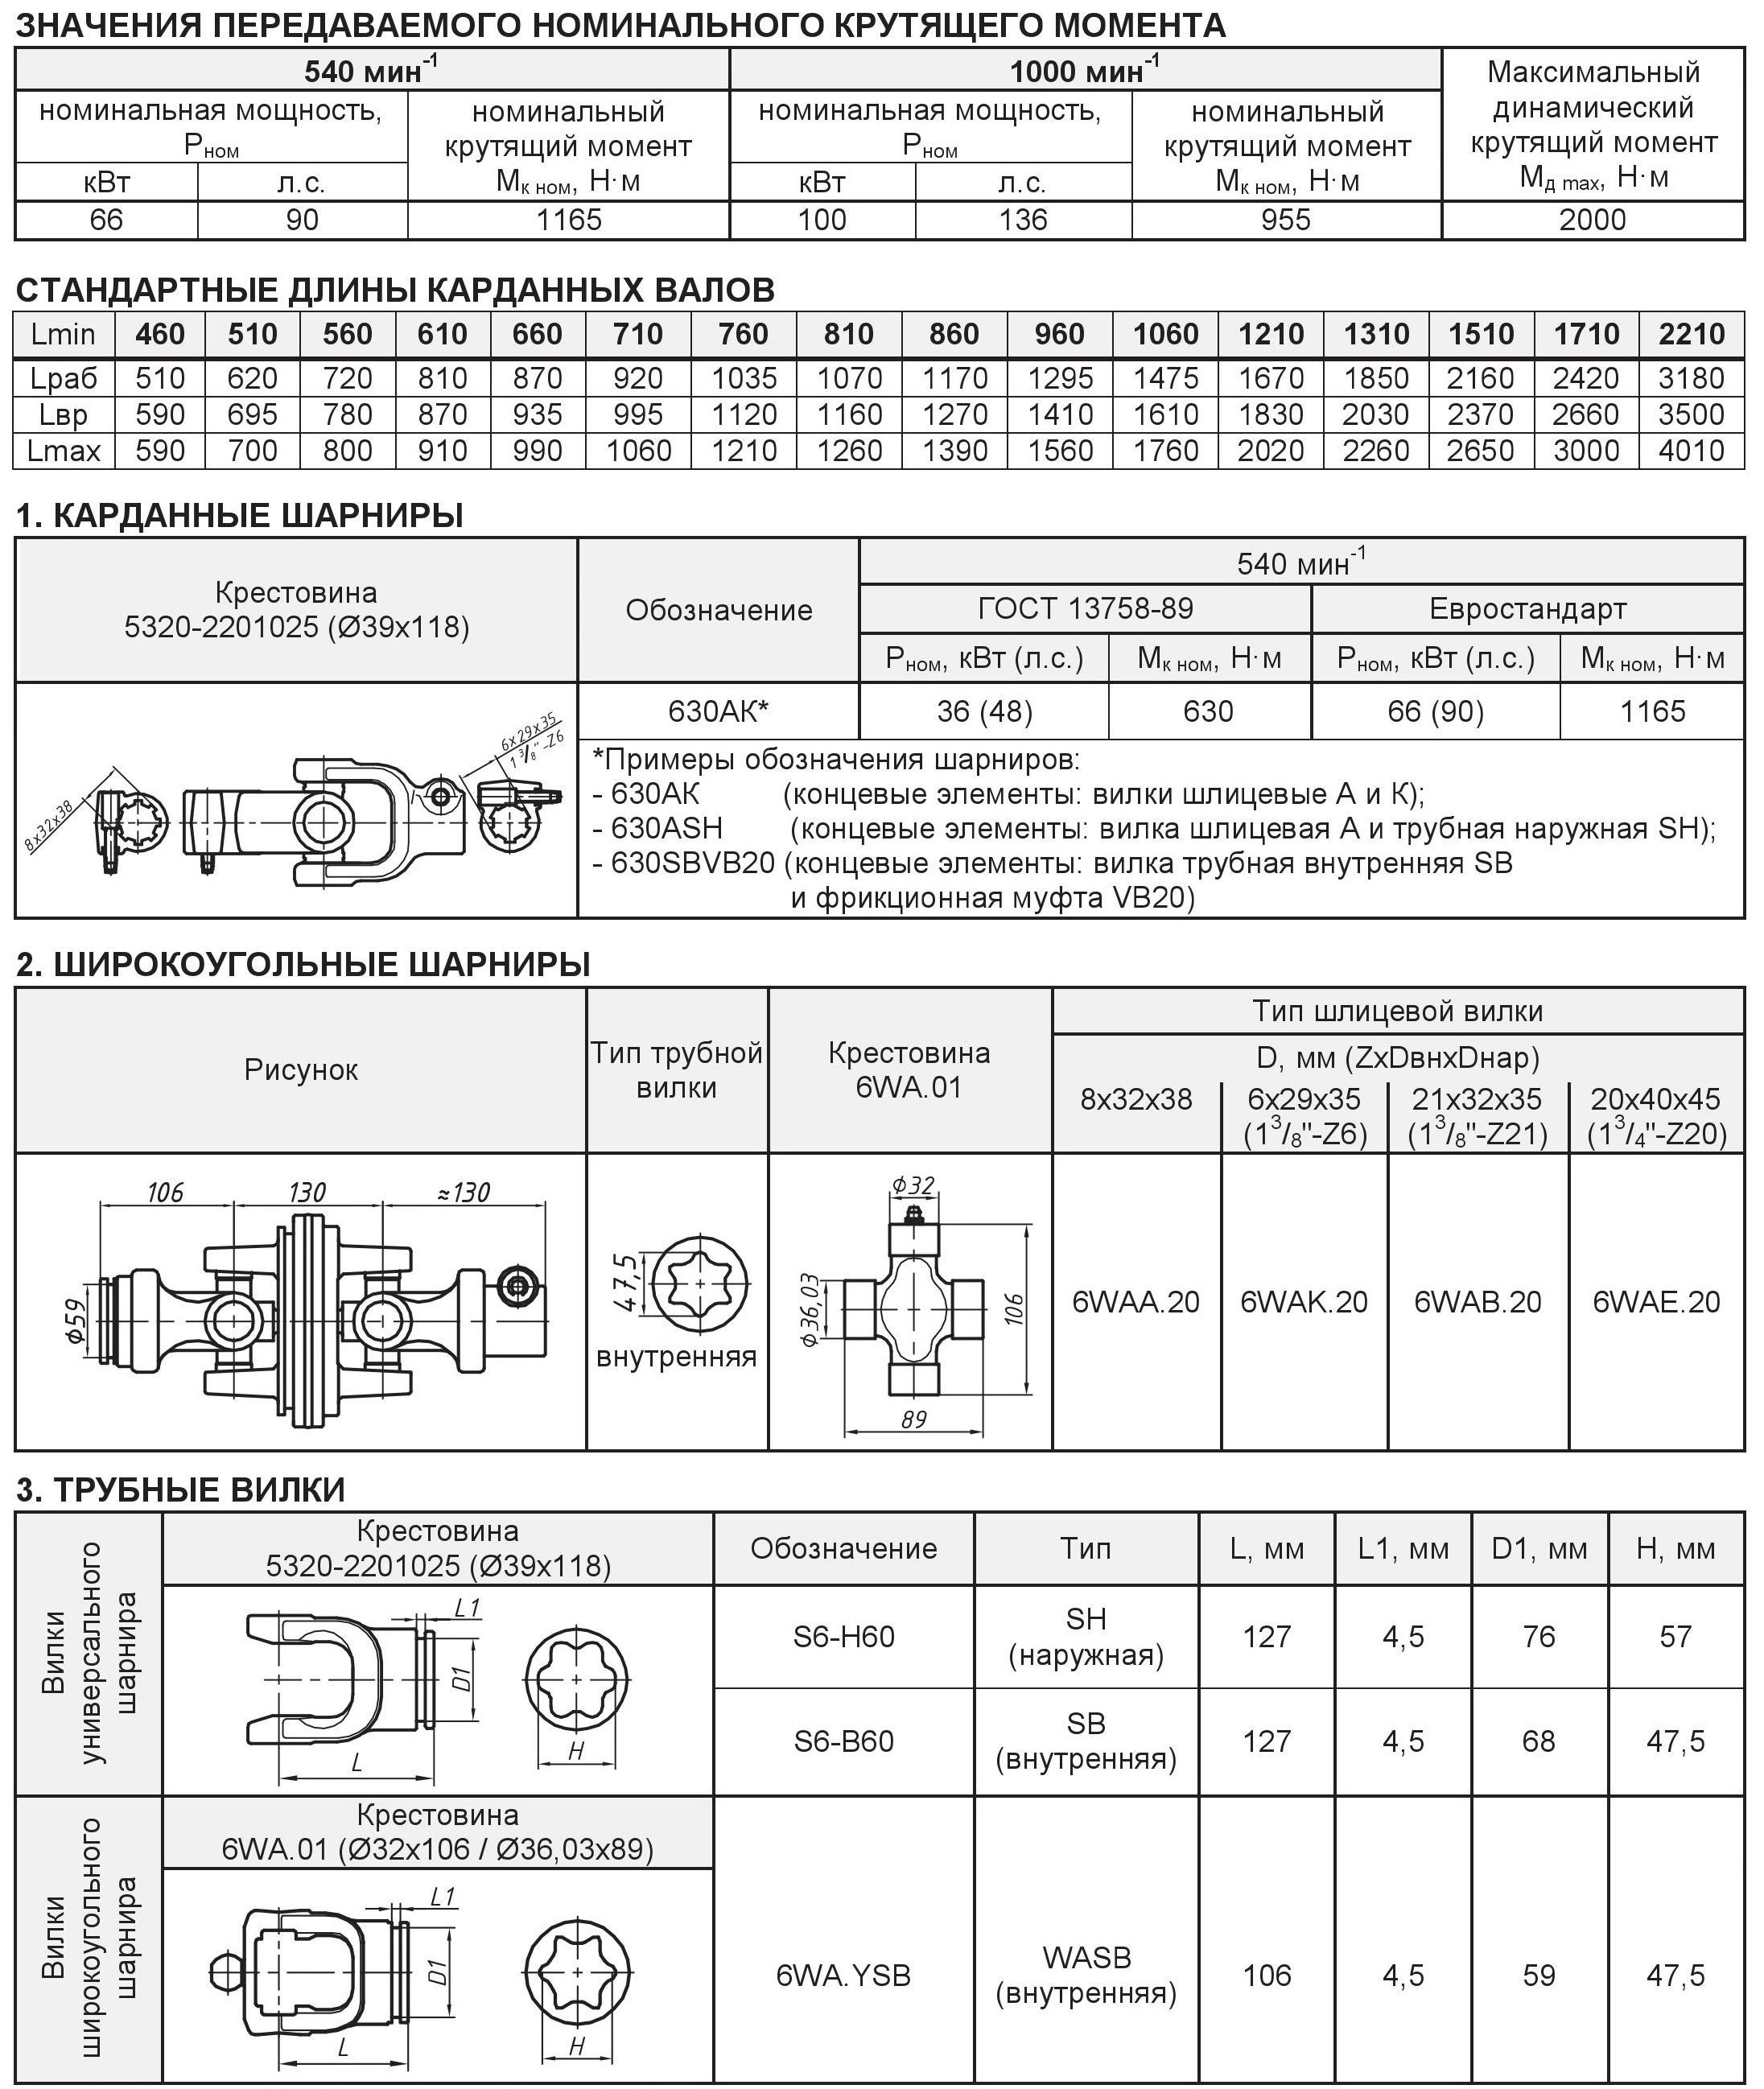 Варианты концевых элементов карданных валов (карданов) типа S6